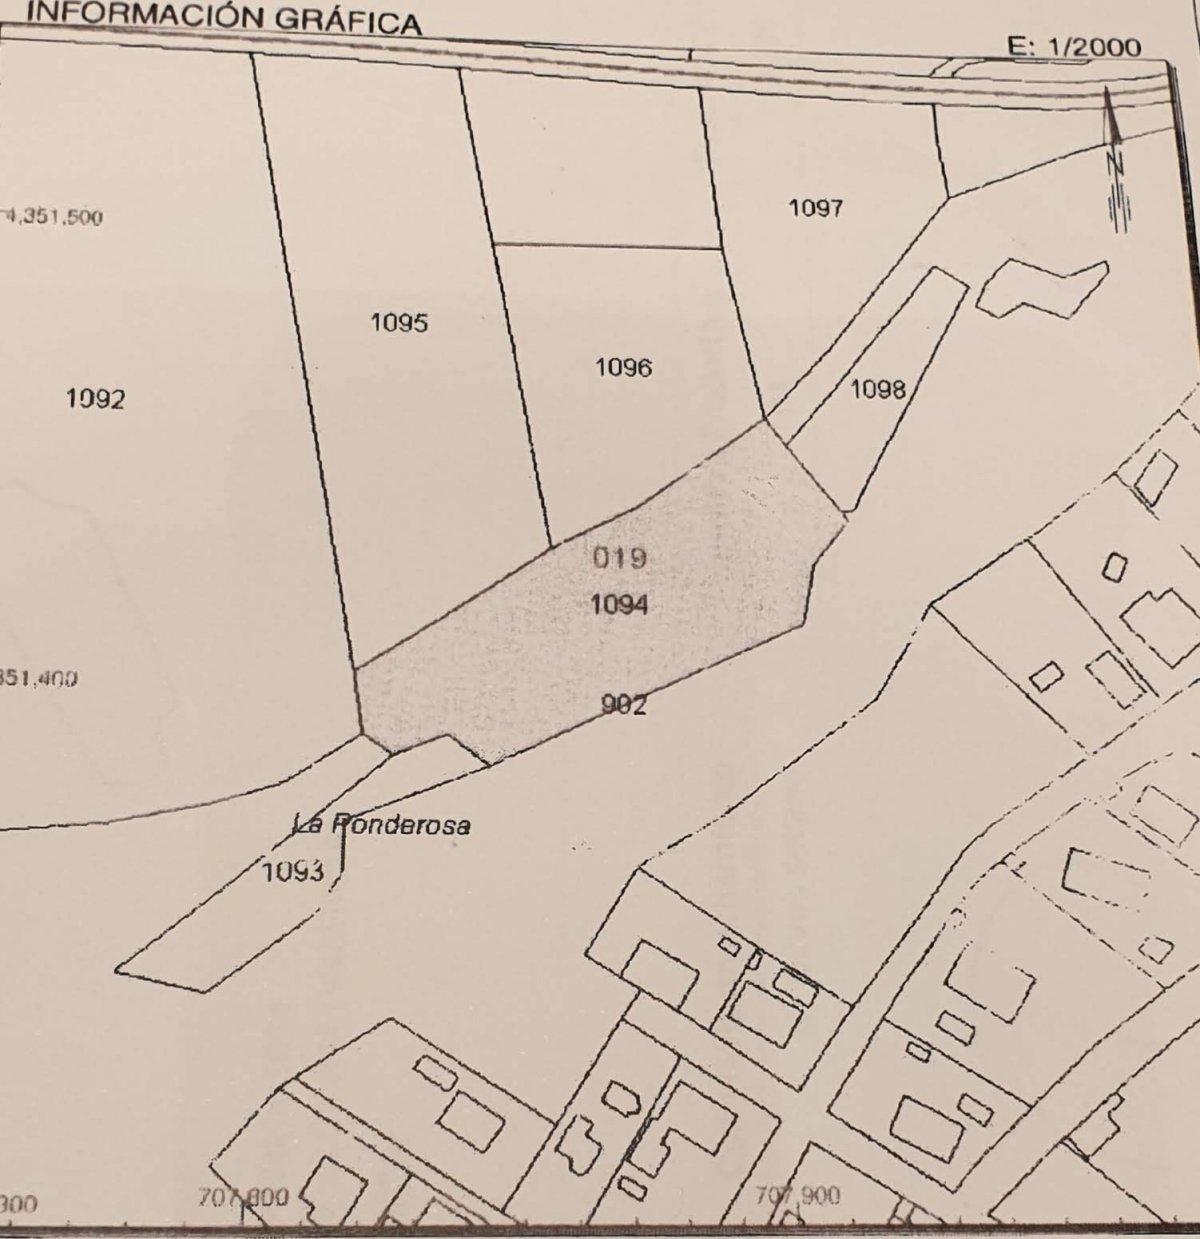 Terrain urbain  Sector poligono 19 parcela 1094, 1094. Oportunidad para urbanizar muy muy económica.